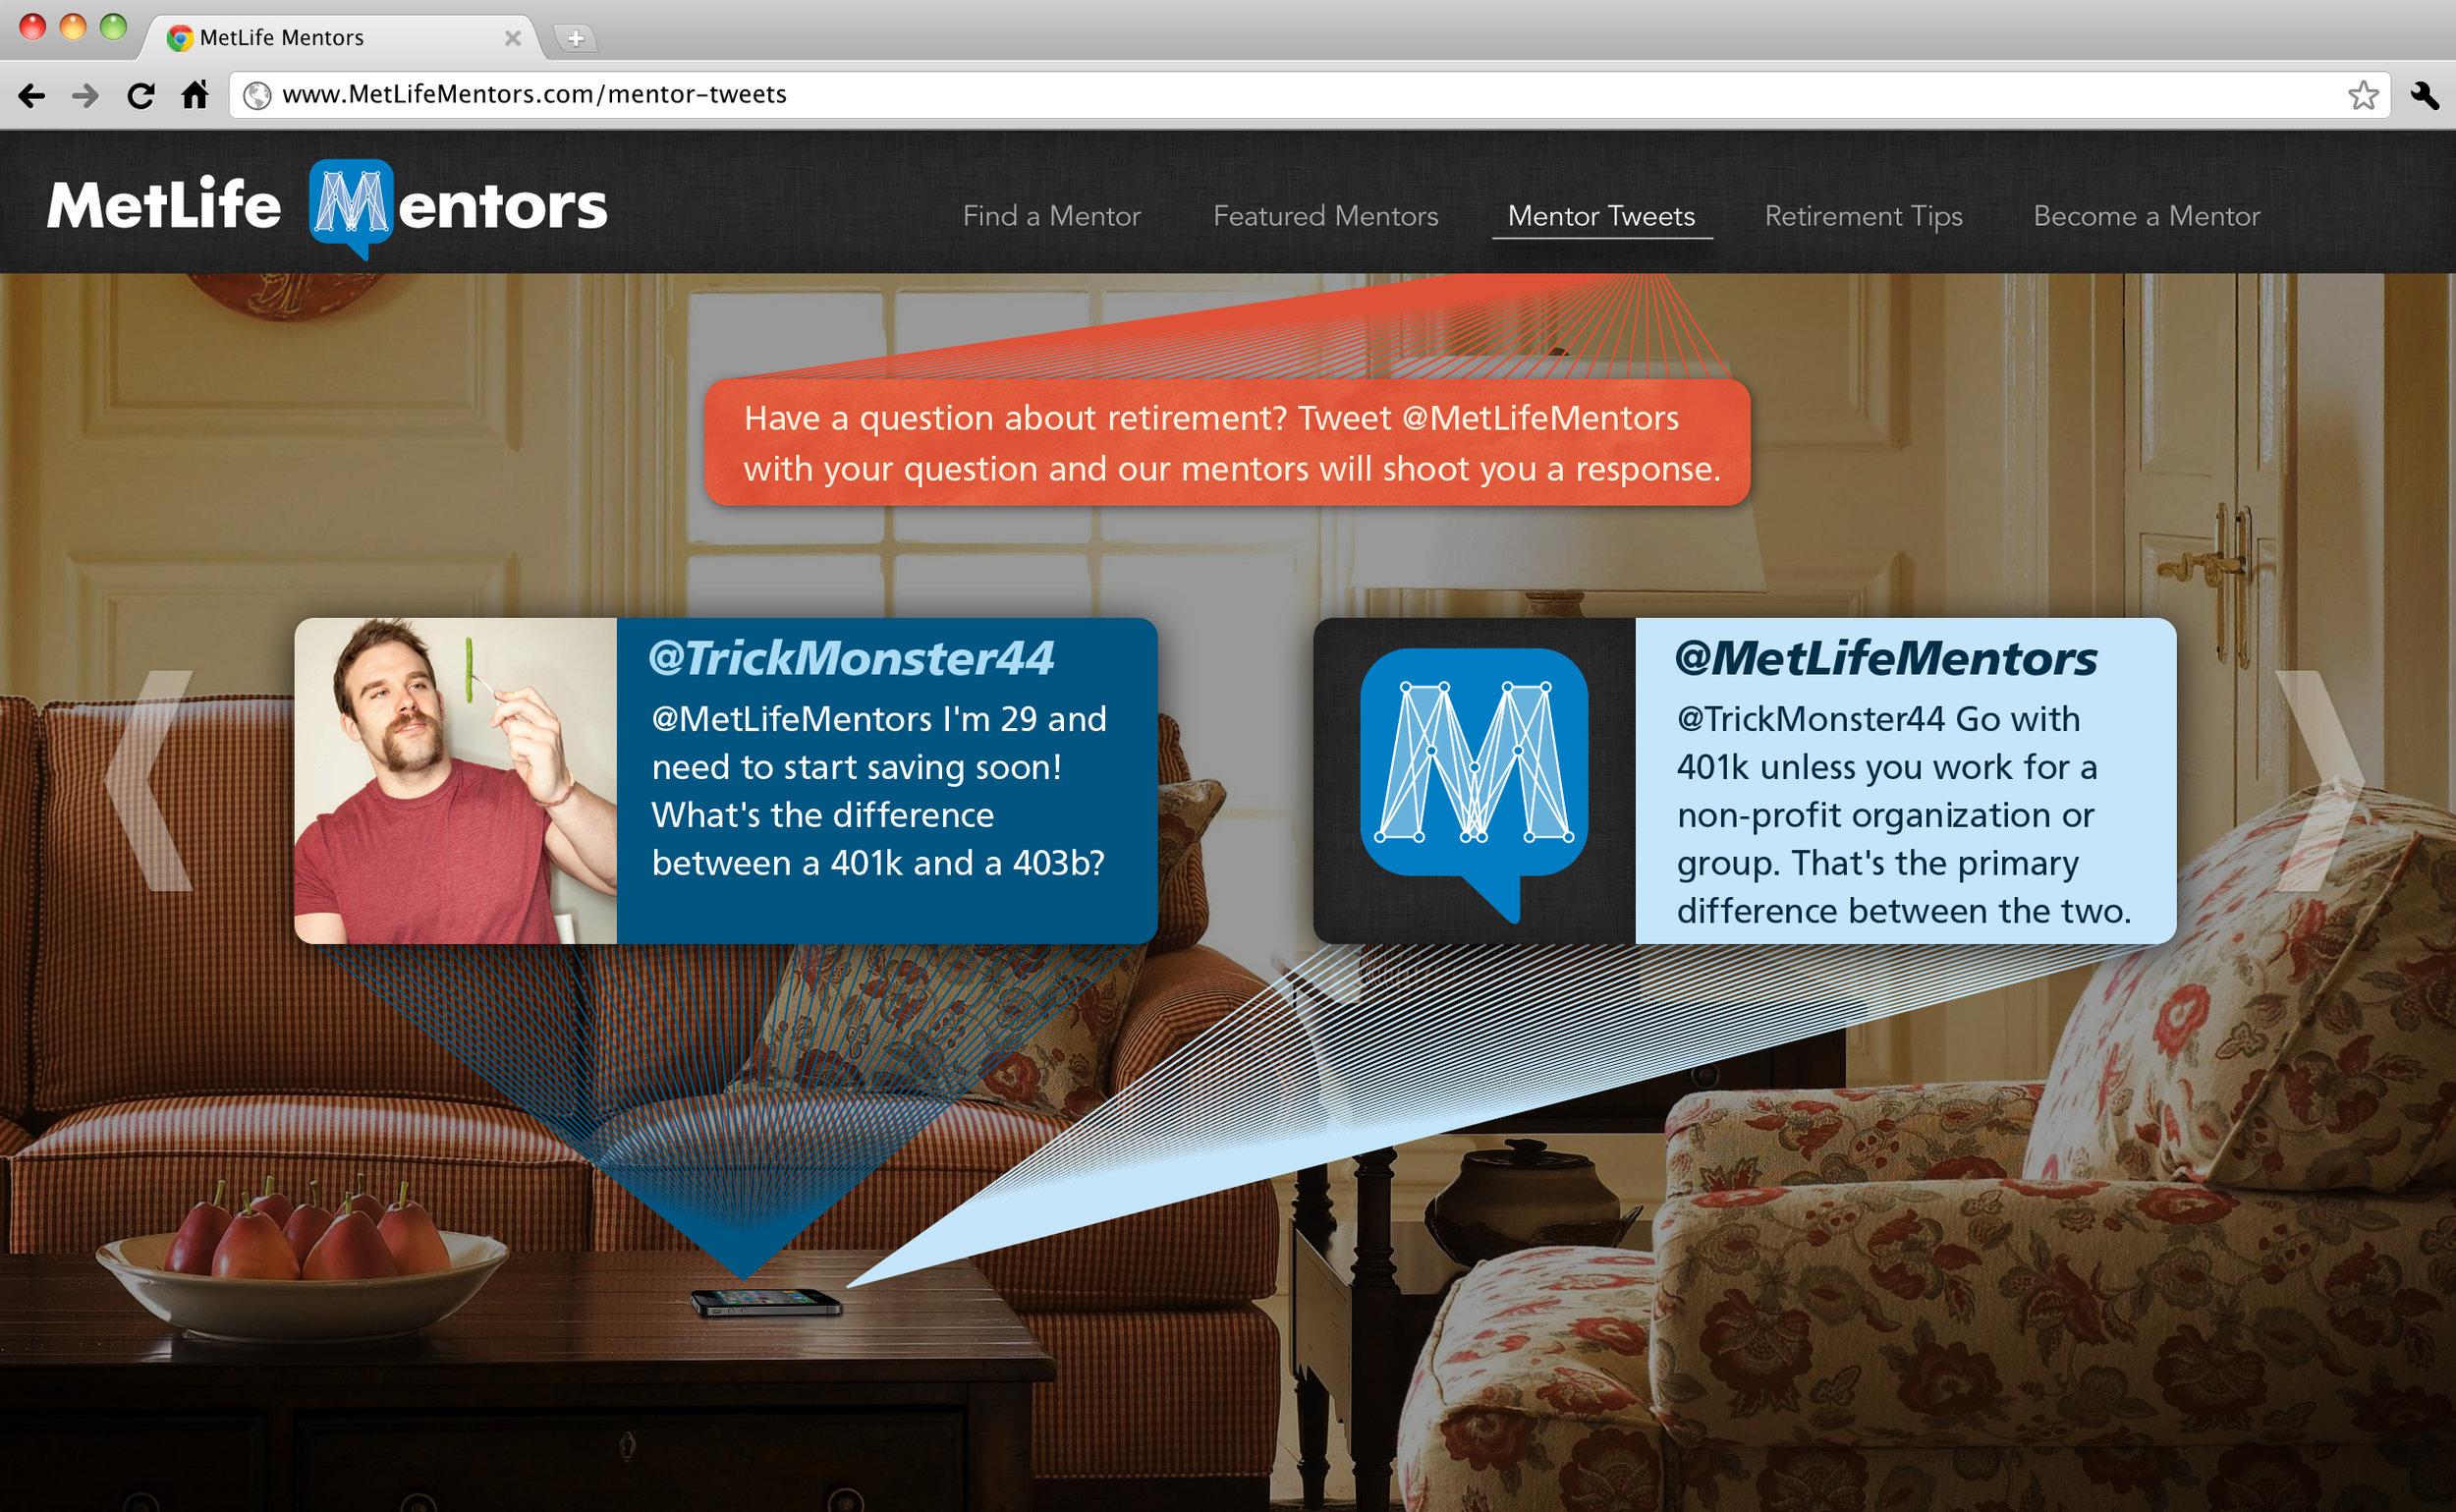 6-Mentor Tweets updated pic.jpg